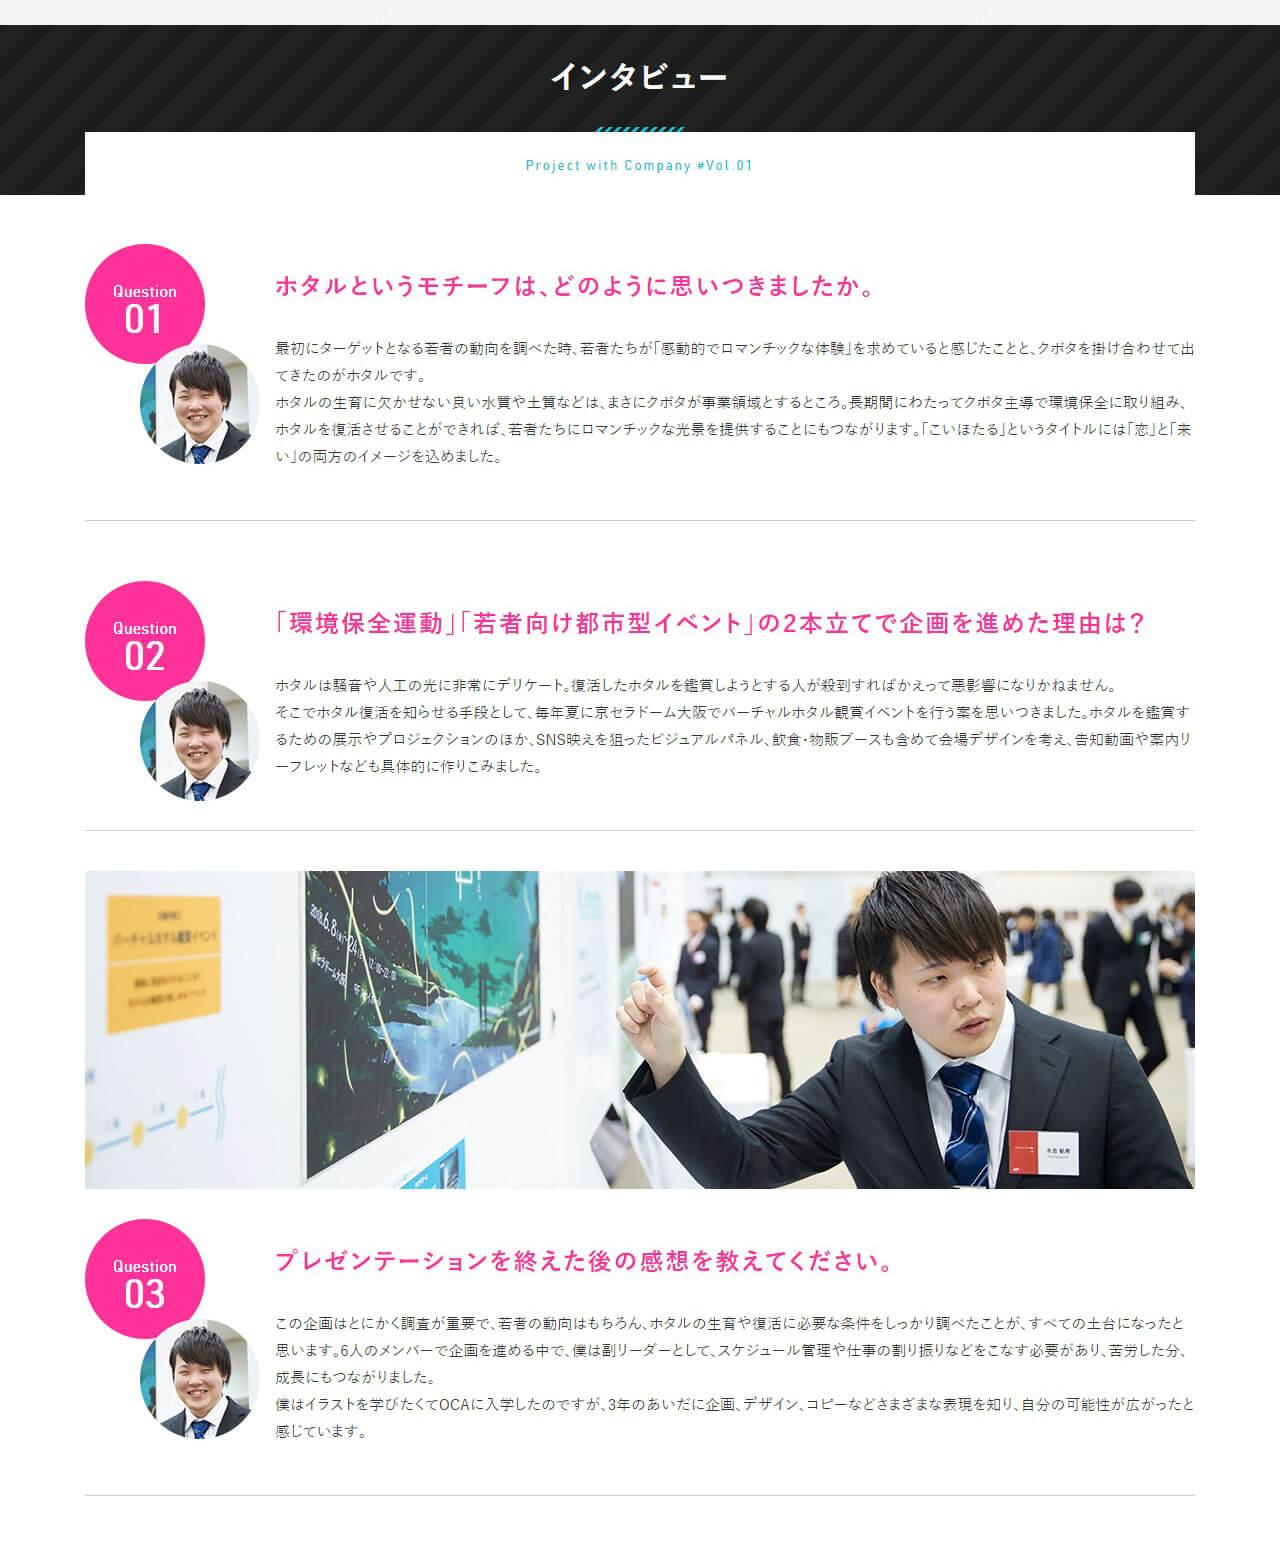 企業プロジェクト_3